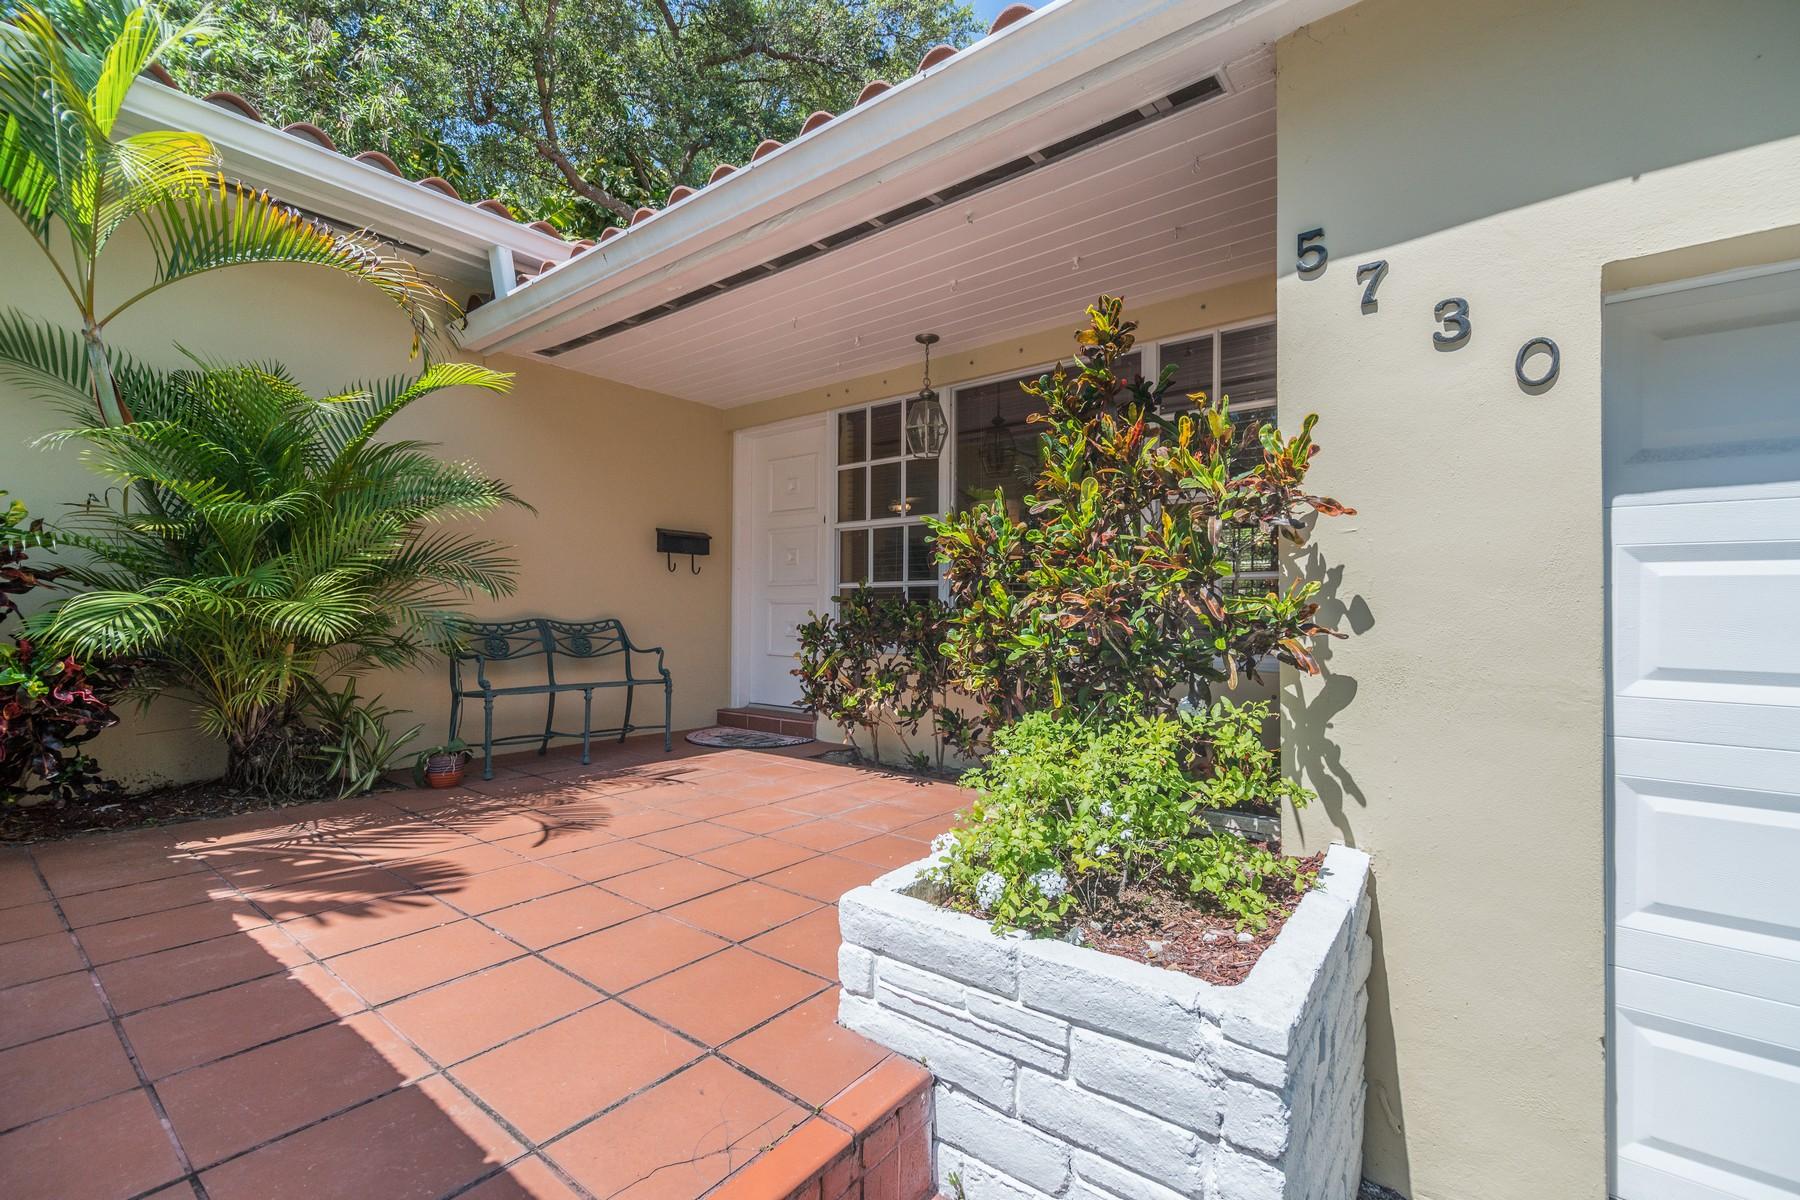 Casa para uma família para Venda às 5730 San Vicente St Coral Gables, Florida 33146 Estados Unidos